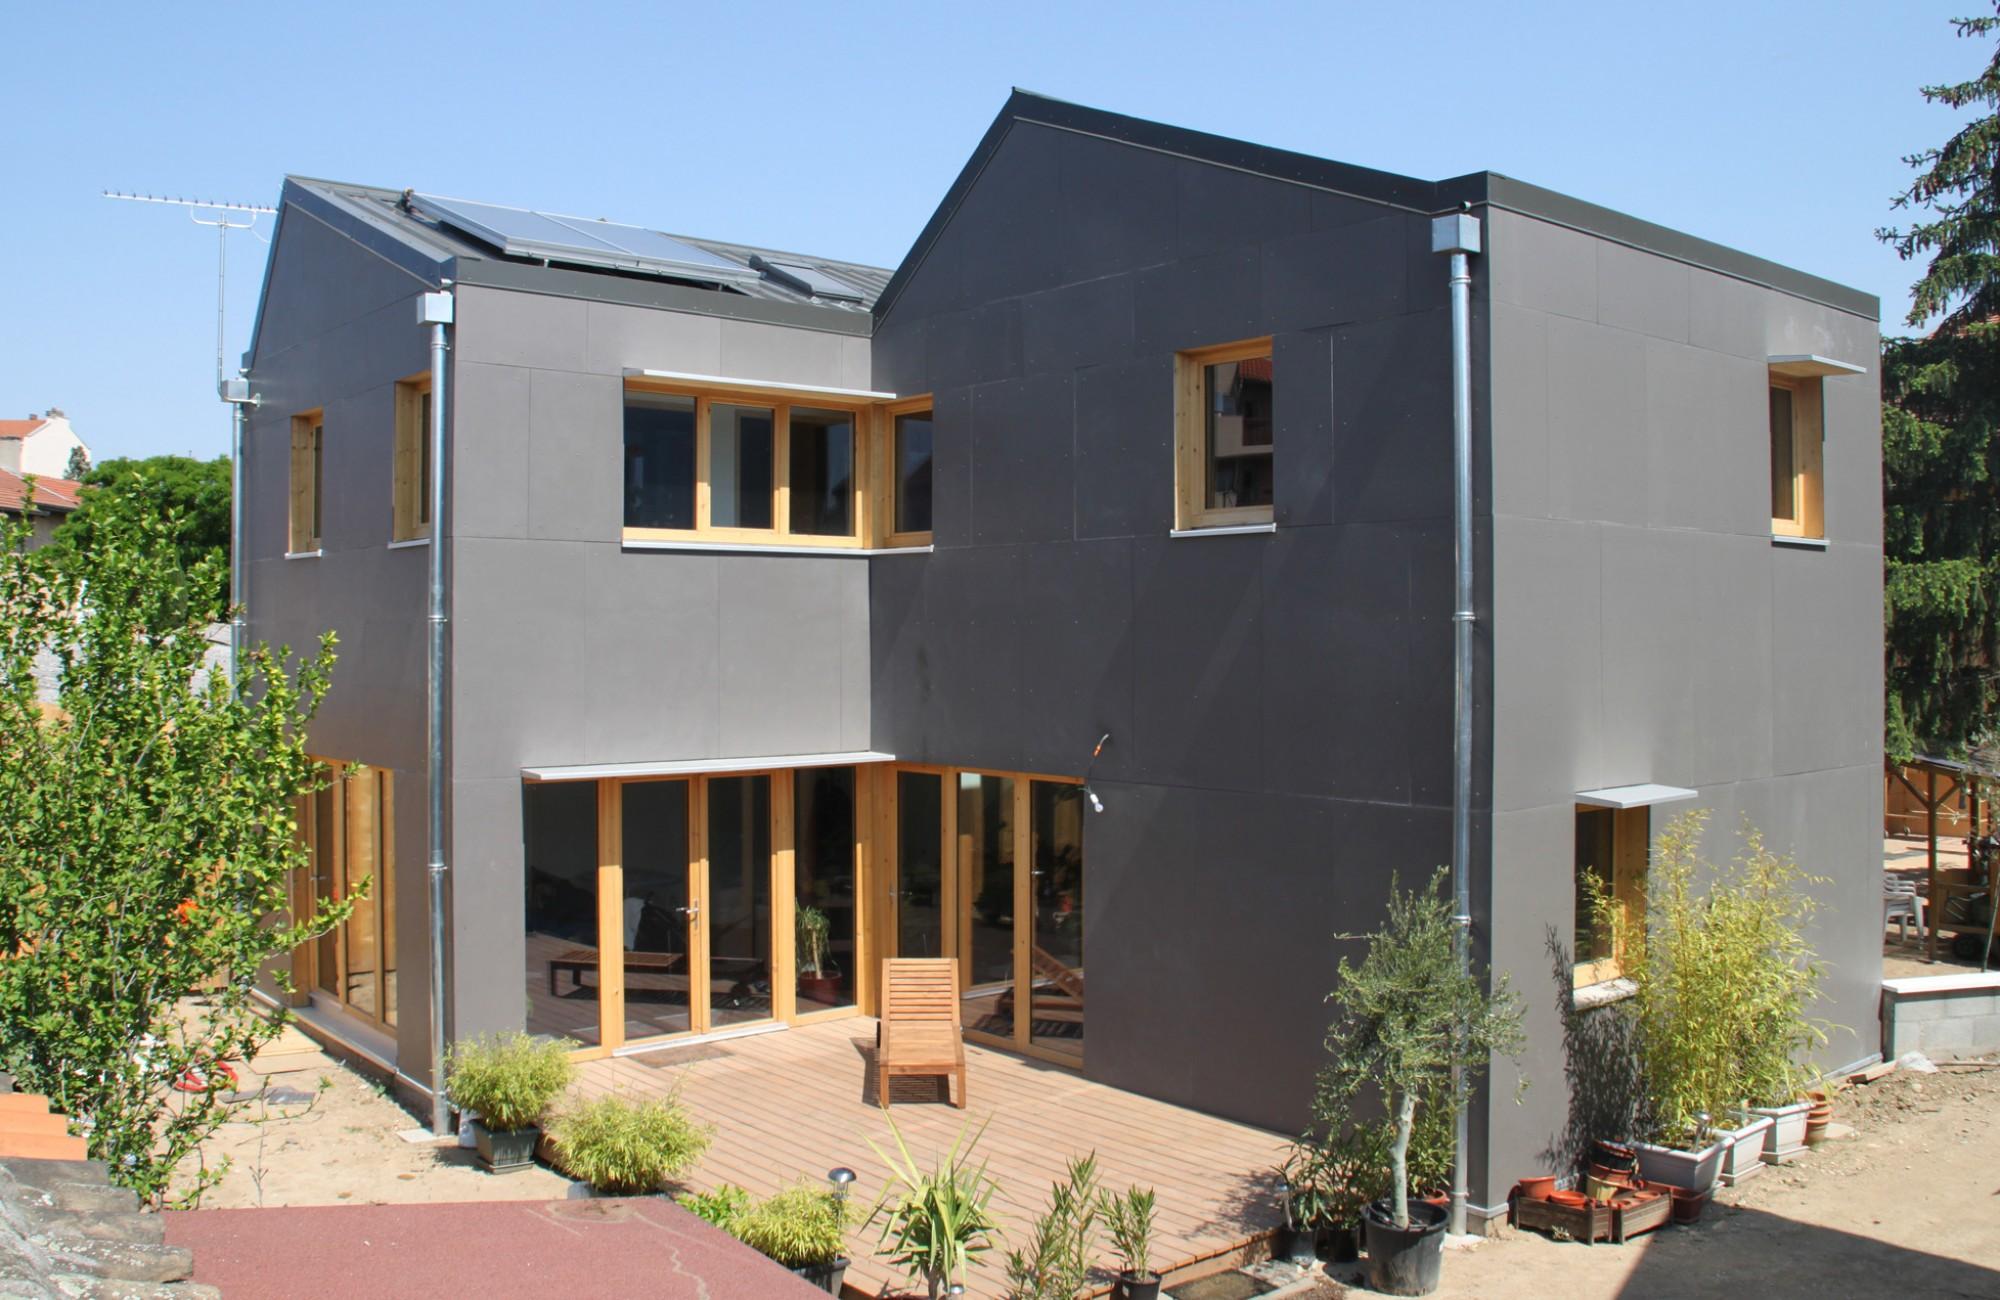 Constructeur maison lyon for Constructeur maison architecte